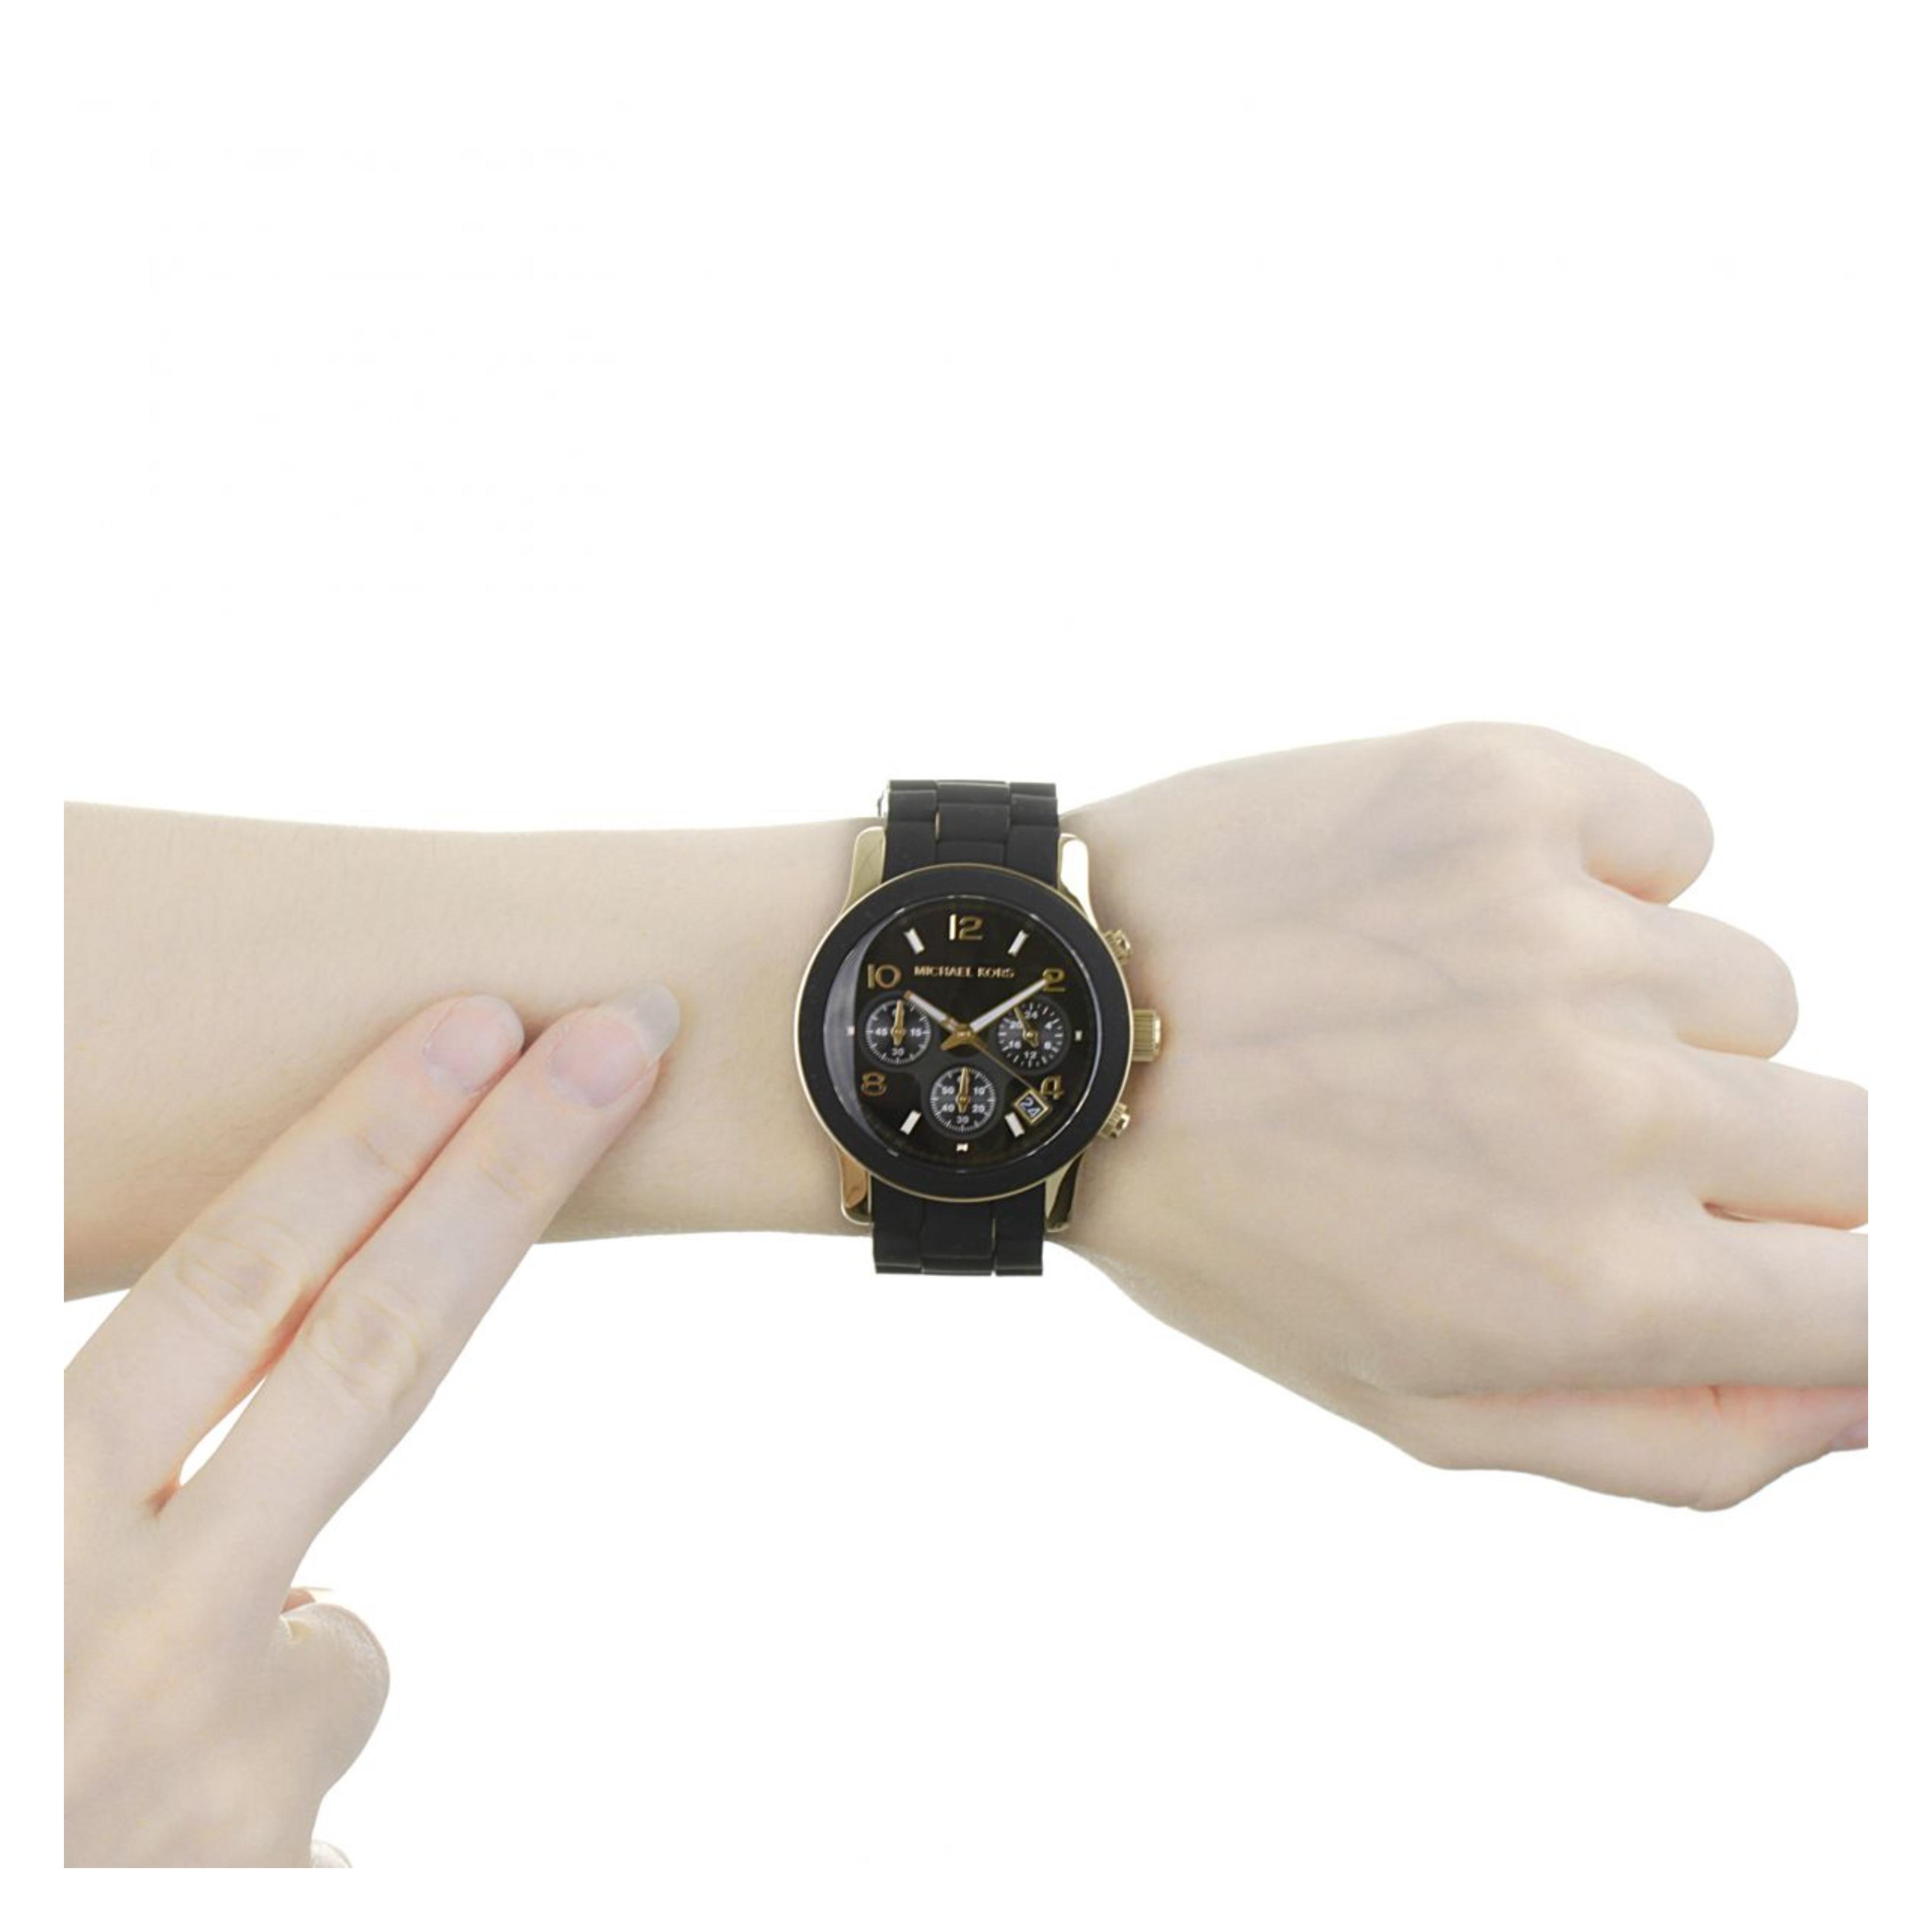 6a7d696753c7 Michael Kors Runway Women s Watch